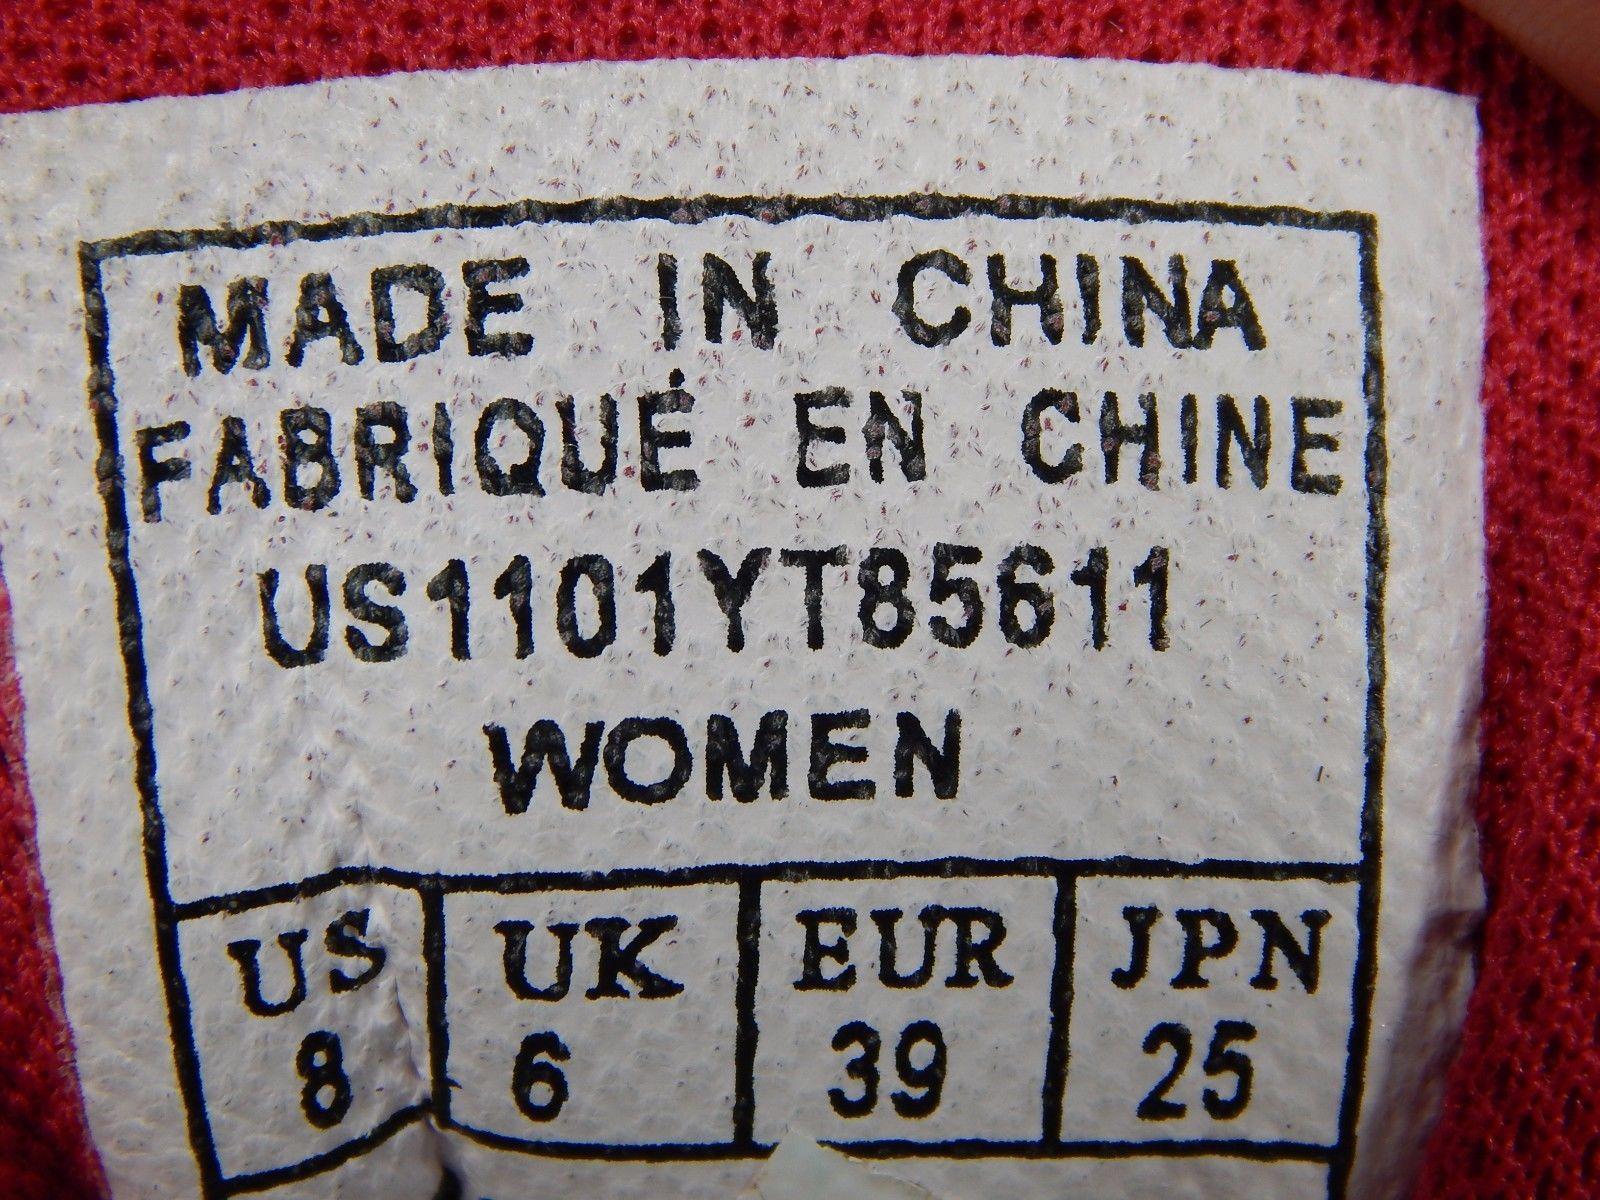 Avia Zo2 Women's Running Shoes Size US 8 M (B) EU 39 White Gray Pink